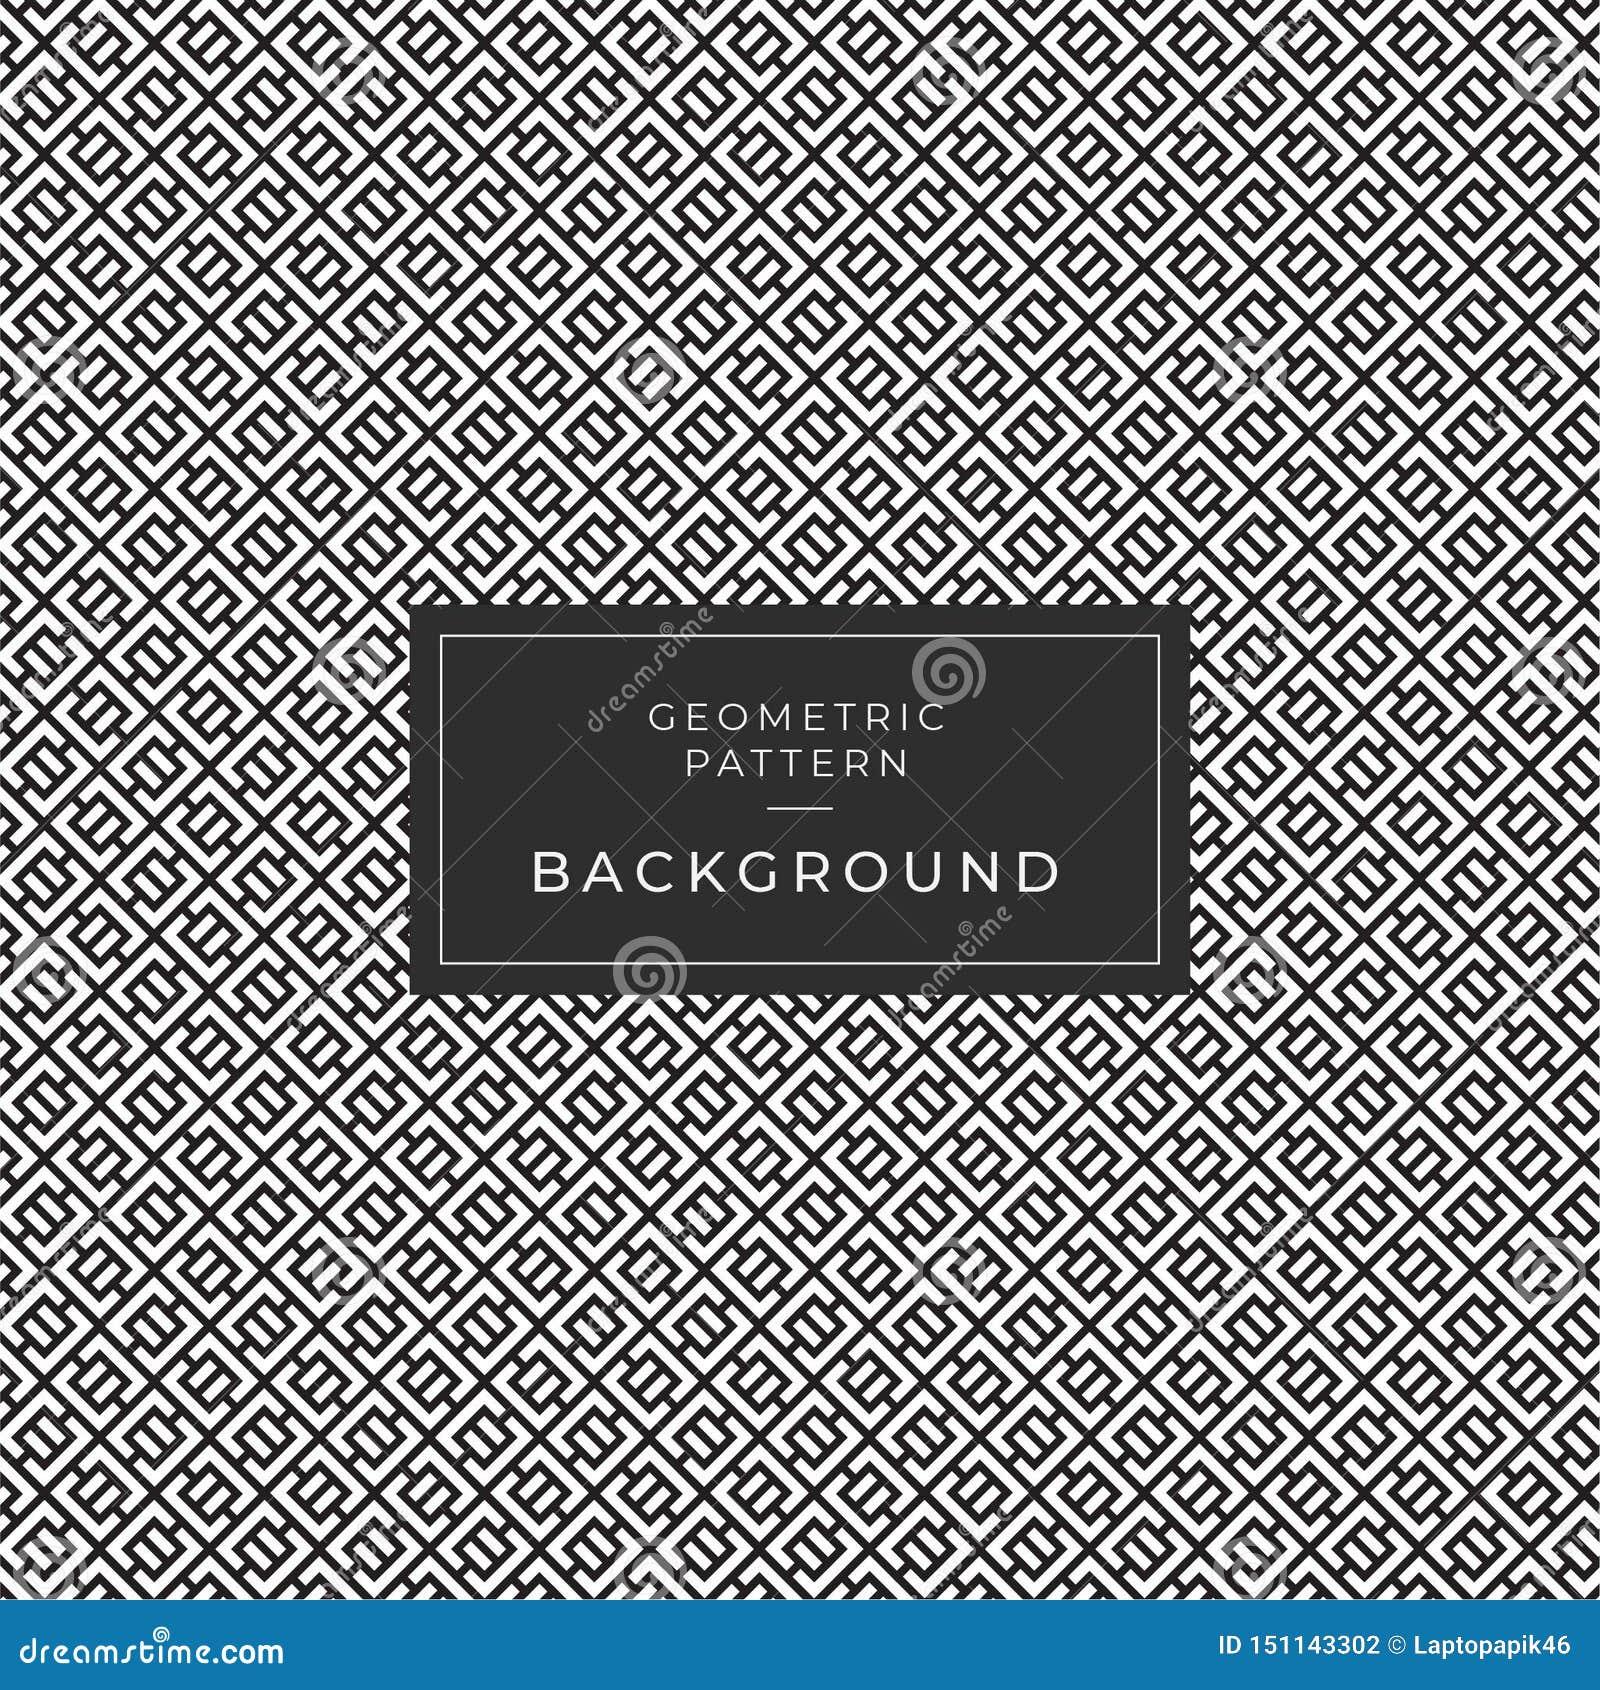 Moderner geometrischer einfarbiger Fliesen-Muster-Hintergrund